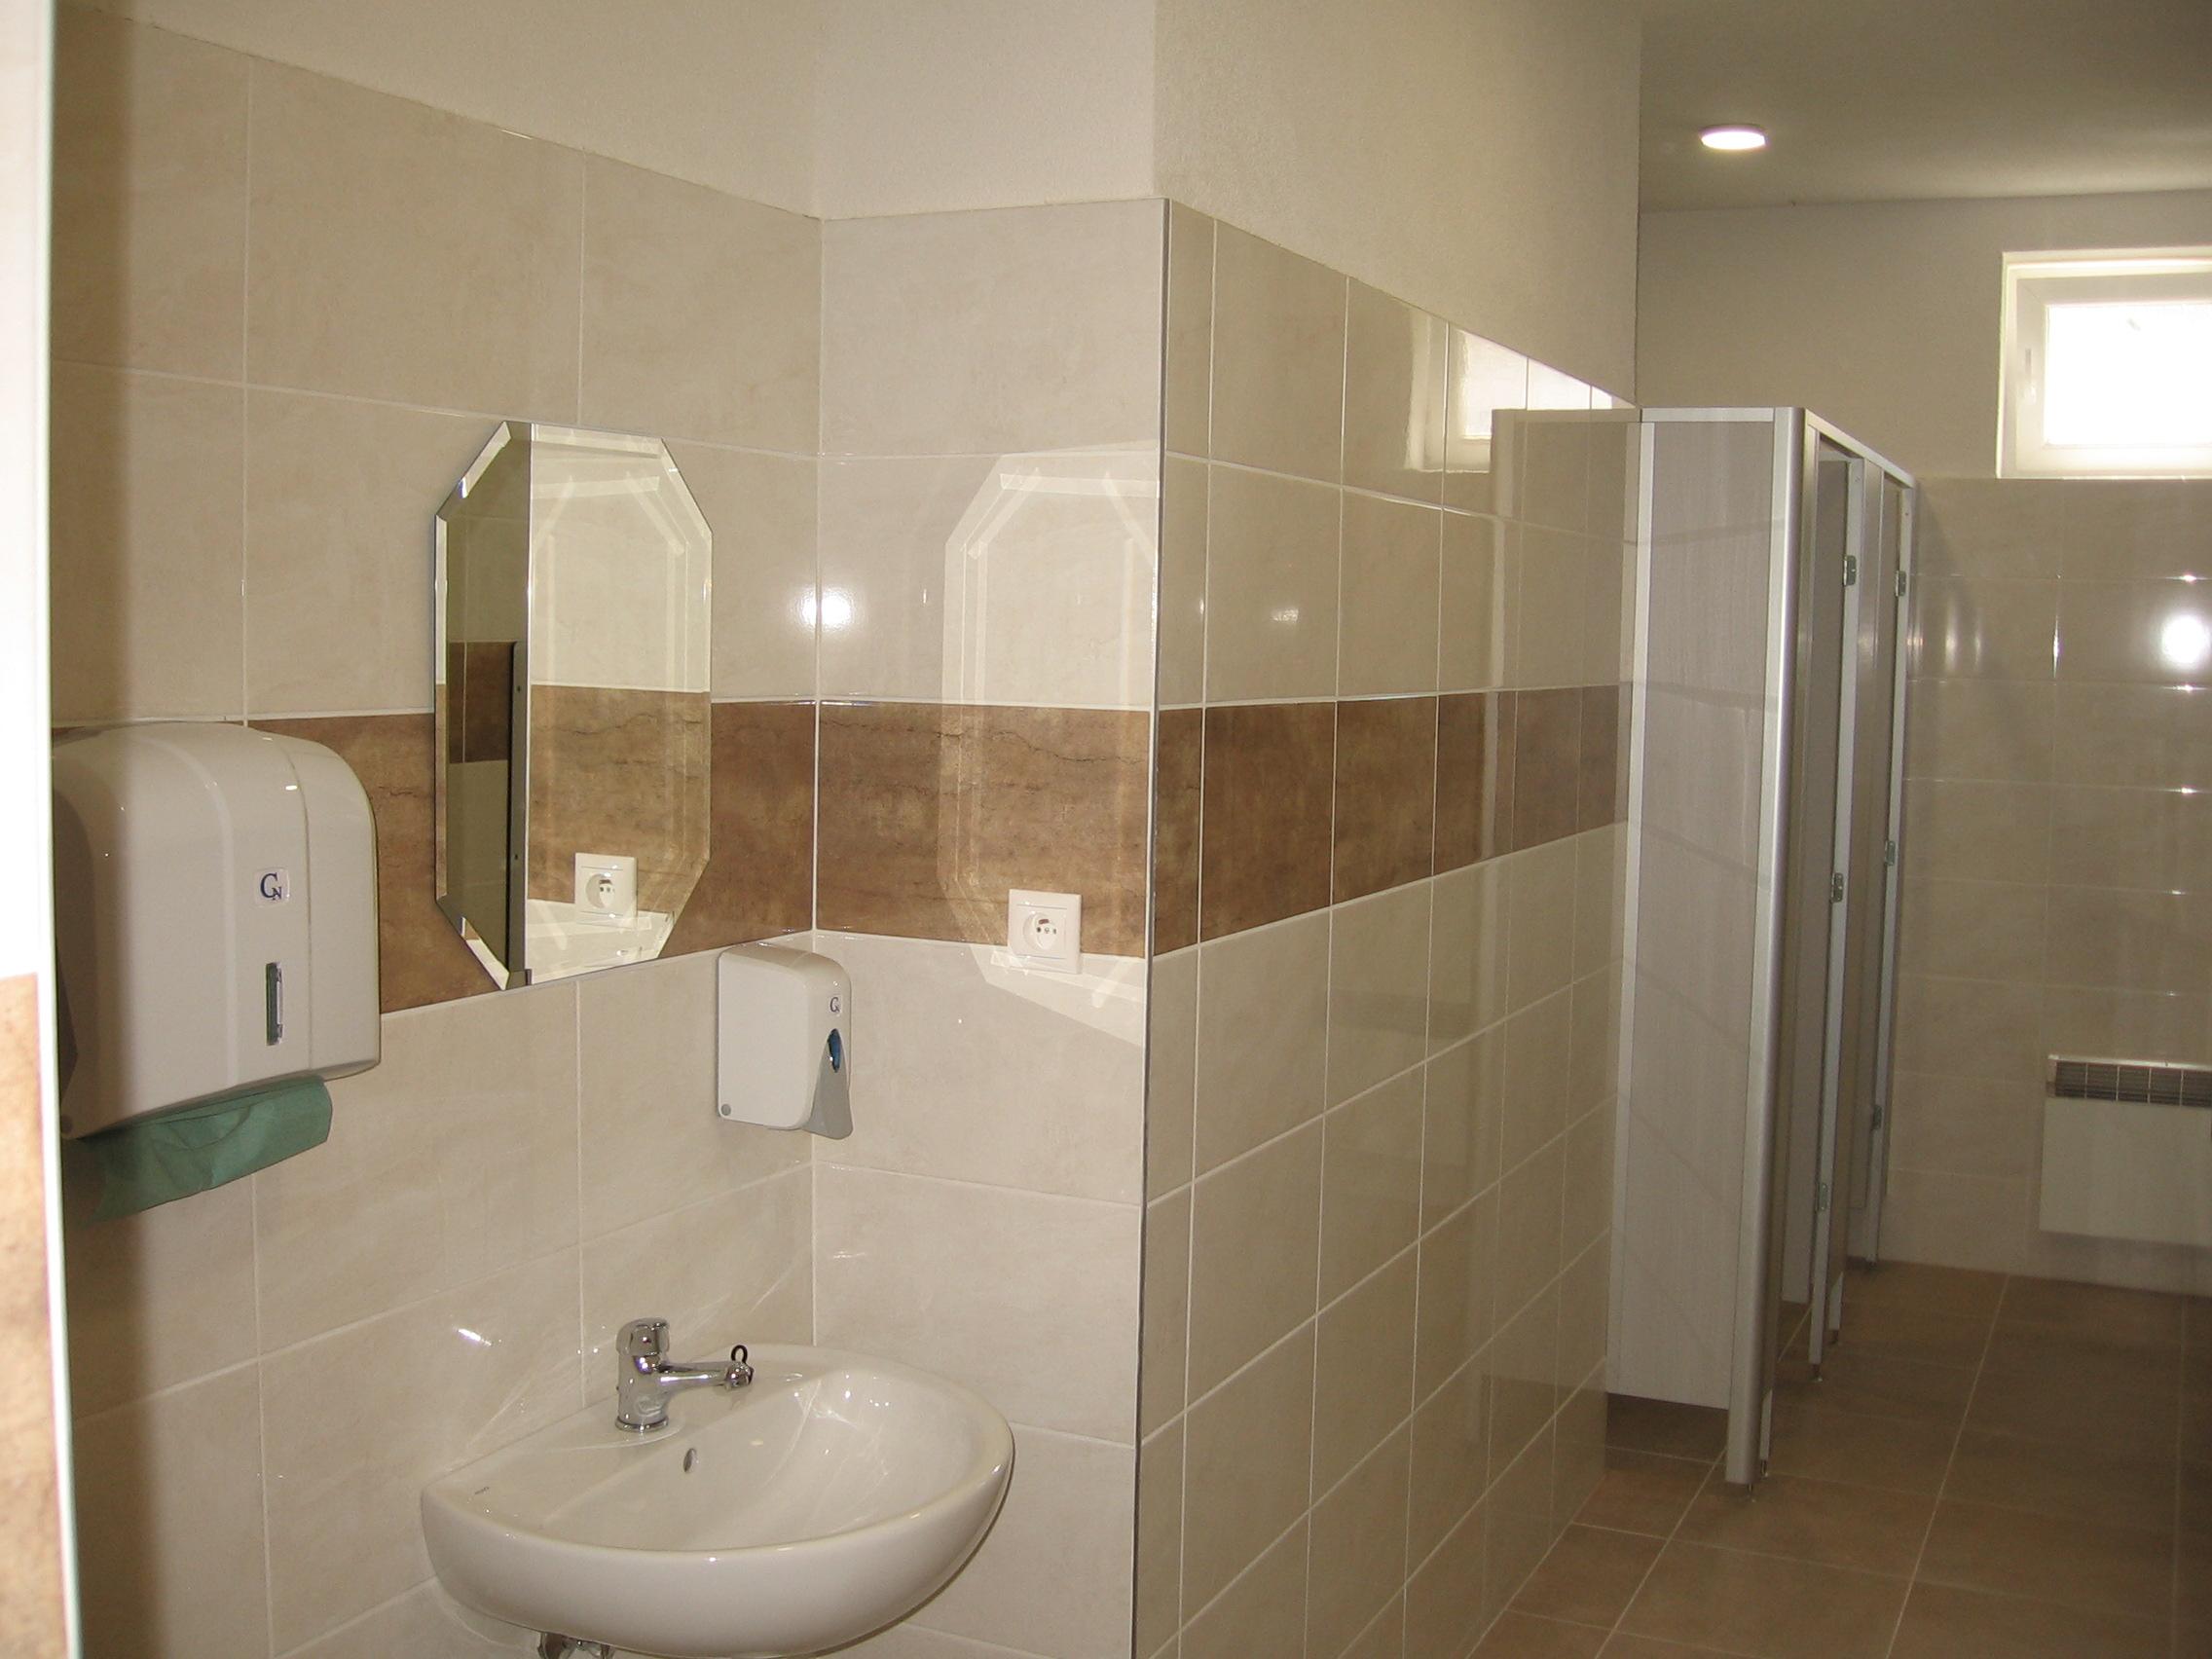 Iľanovo: Kultúrny dom vybavili moderným hygienickým zázemím